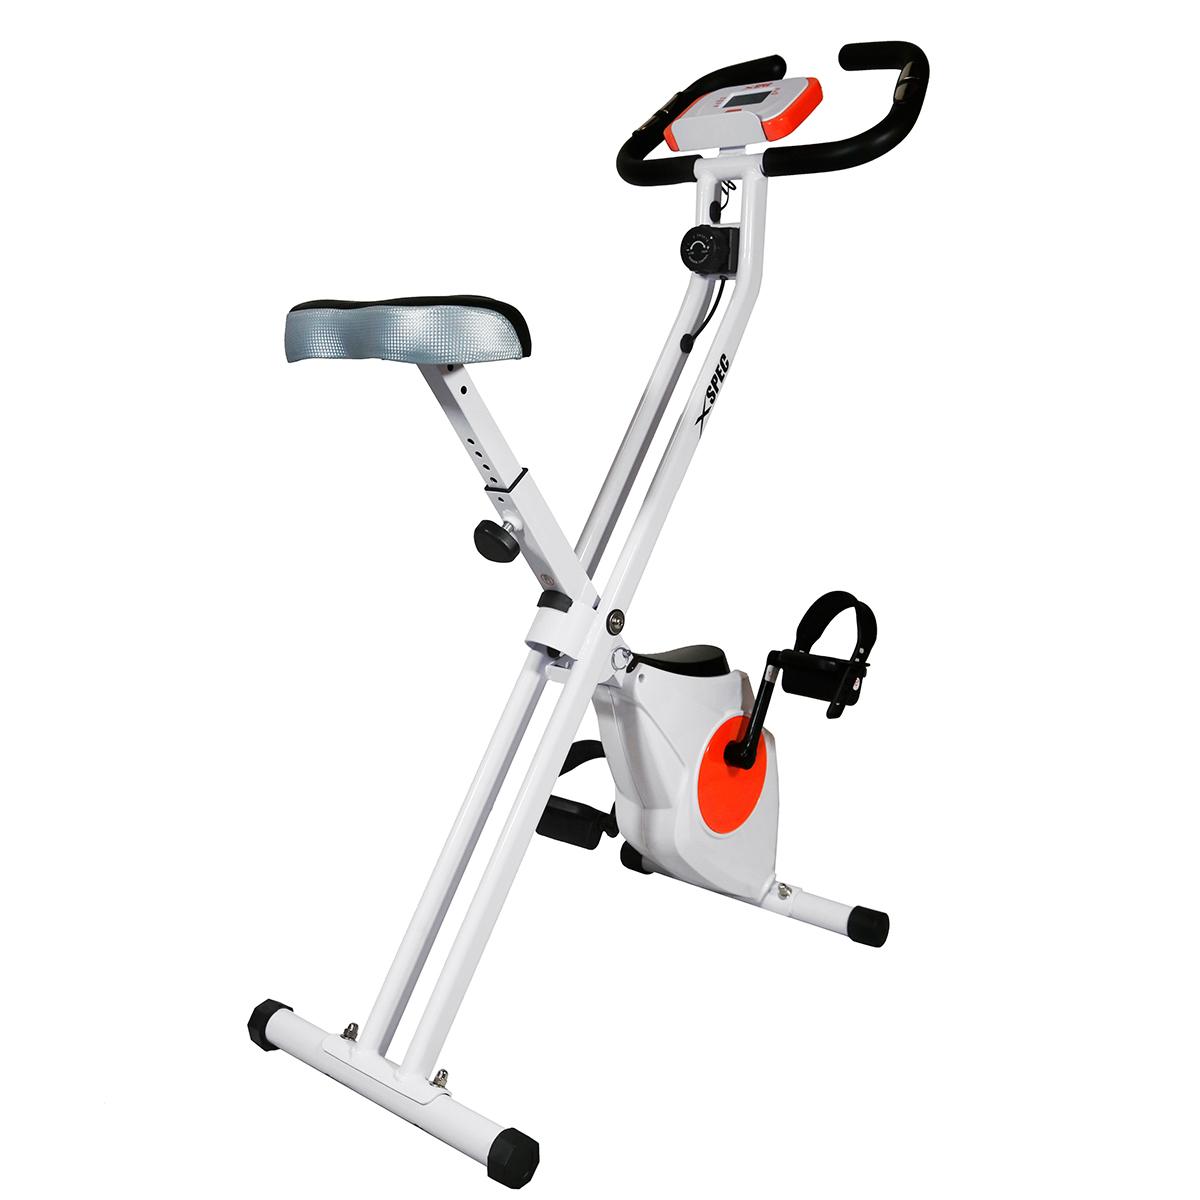 Exercise Bike Next Day Delivery: Xspec Foldable Stationary Upright Exercise Bike Cardio